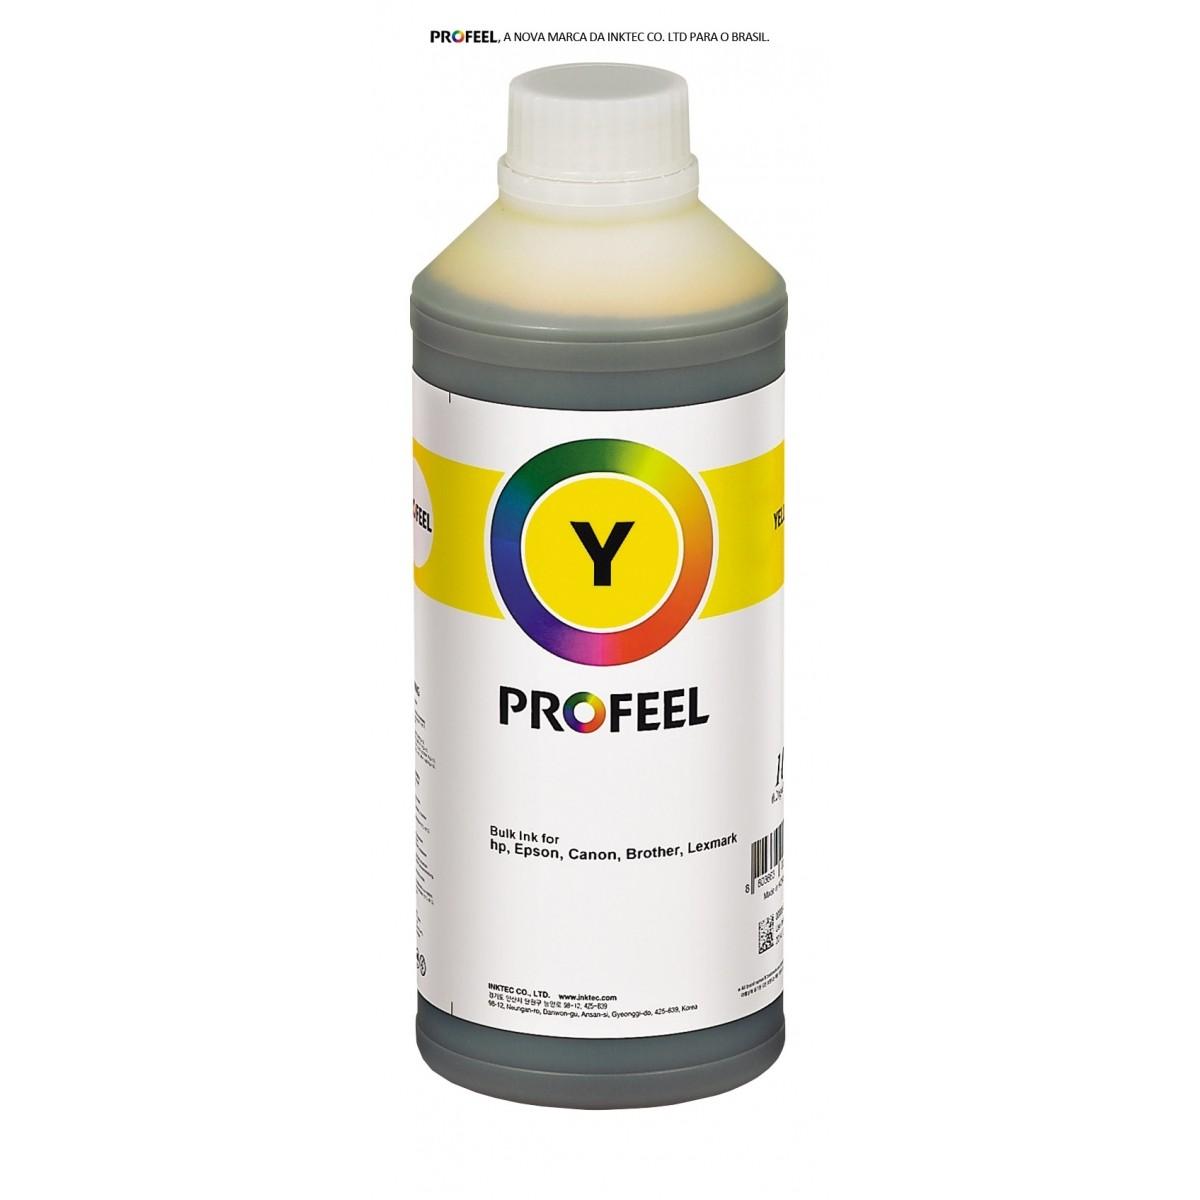 Tinta corante InkTec Profeel para Epson | modelo E0017-01LY | Frasco de 1 litro | Cor : Amarela